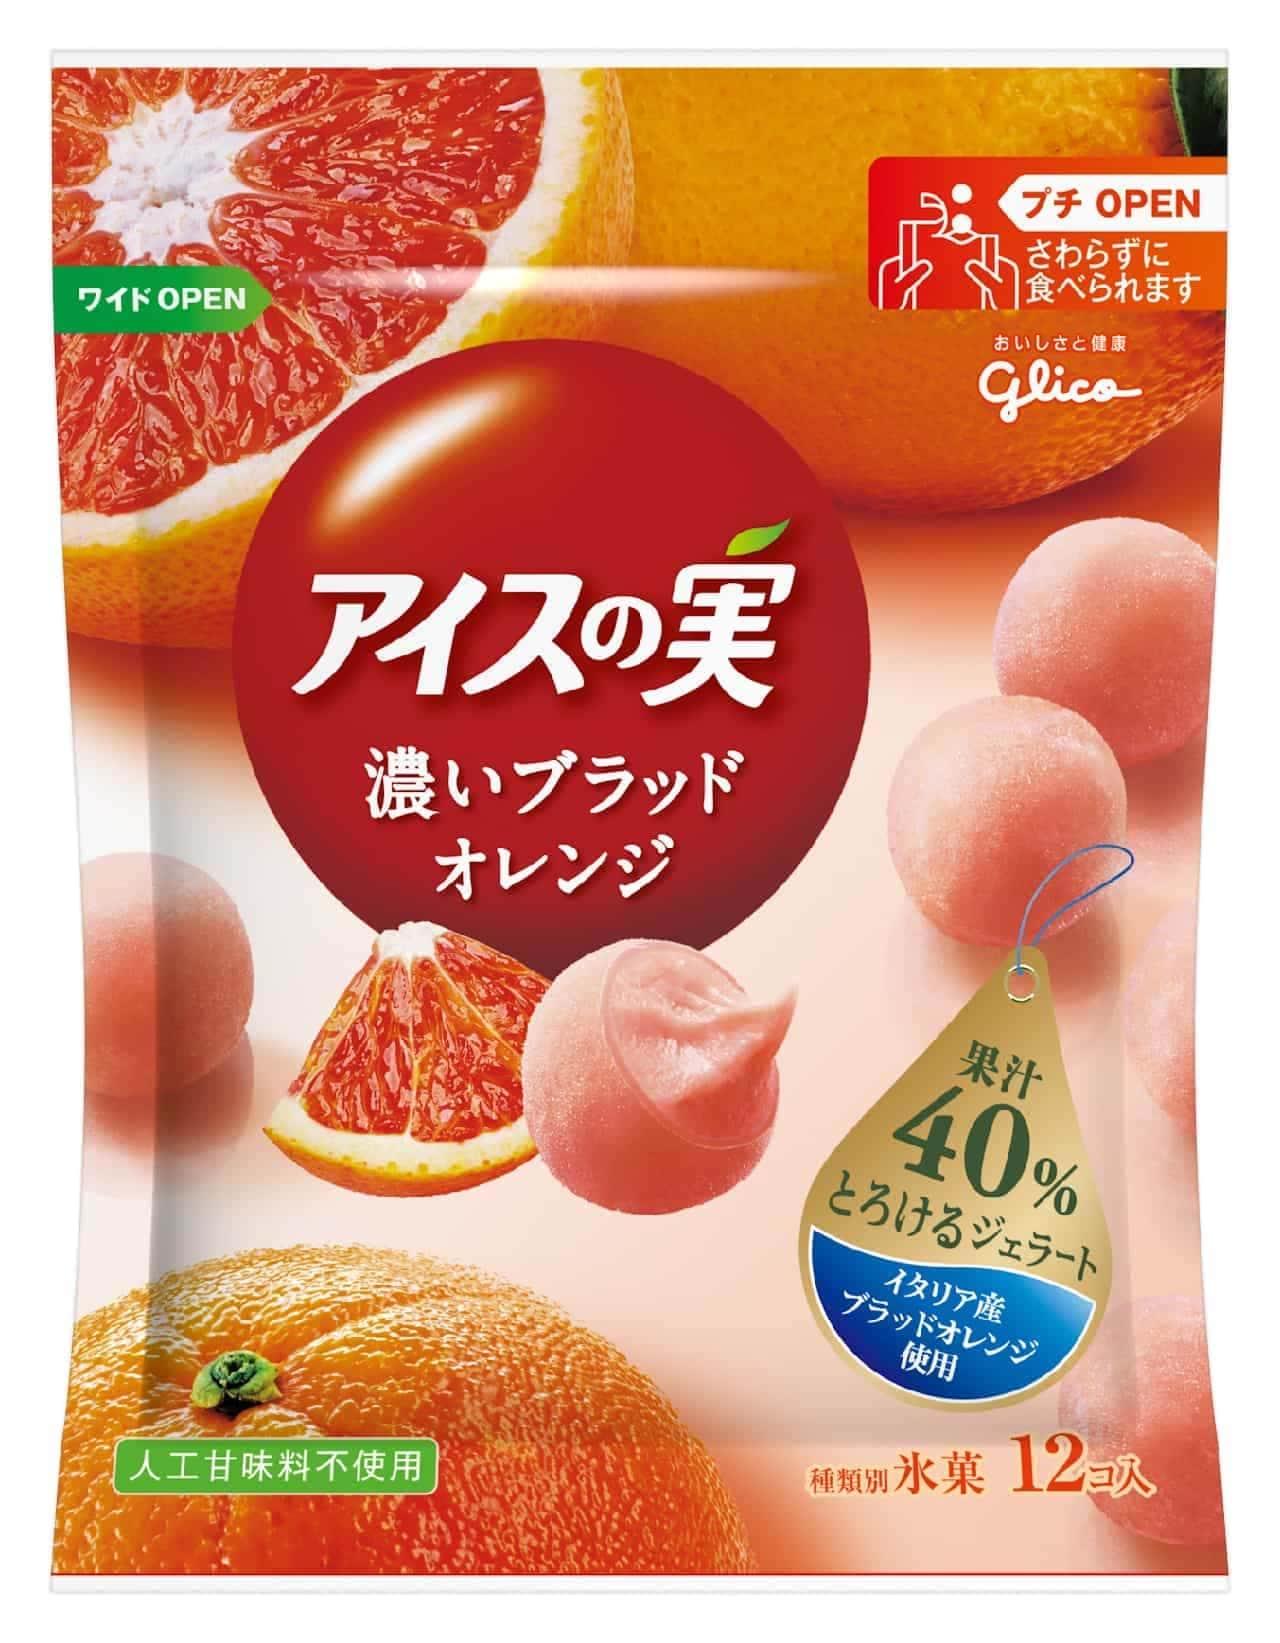 アイスの実「濃いブラッドオレンジ」